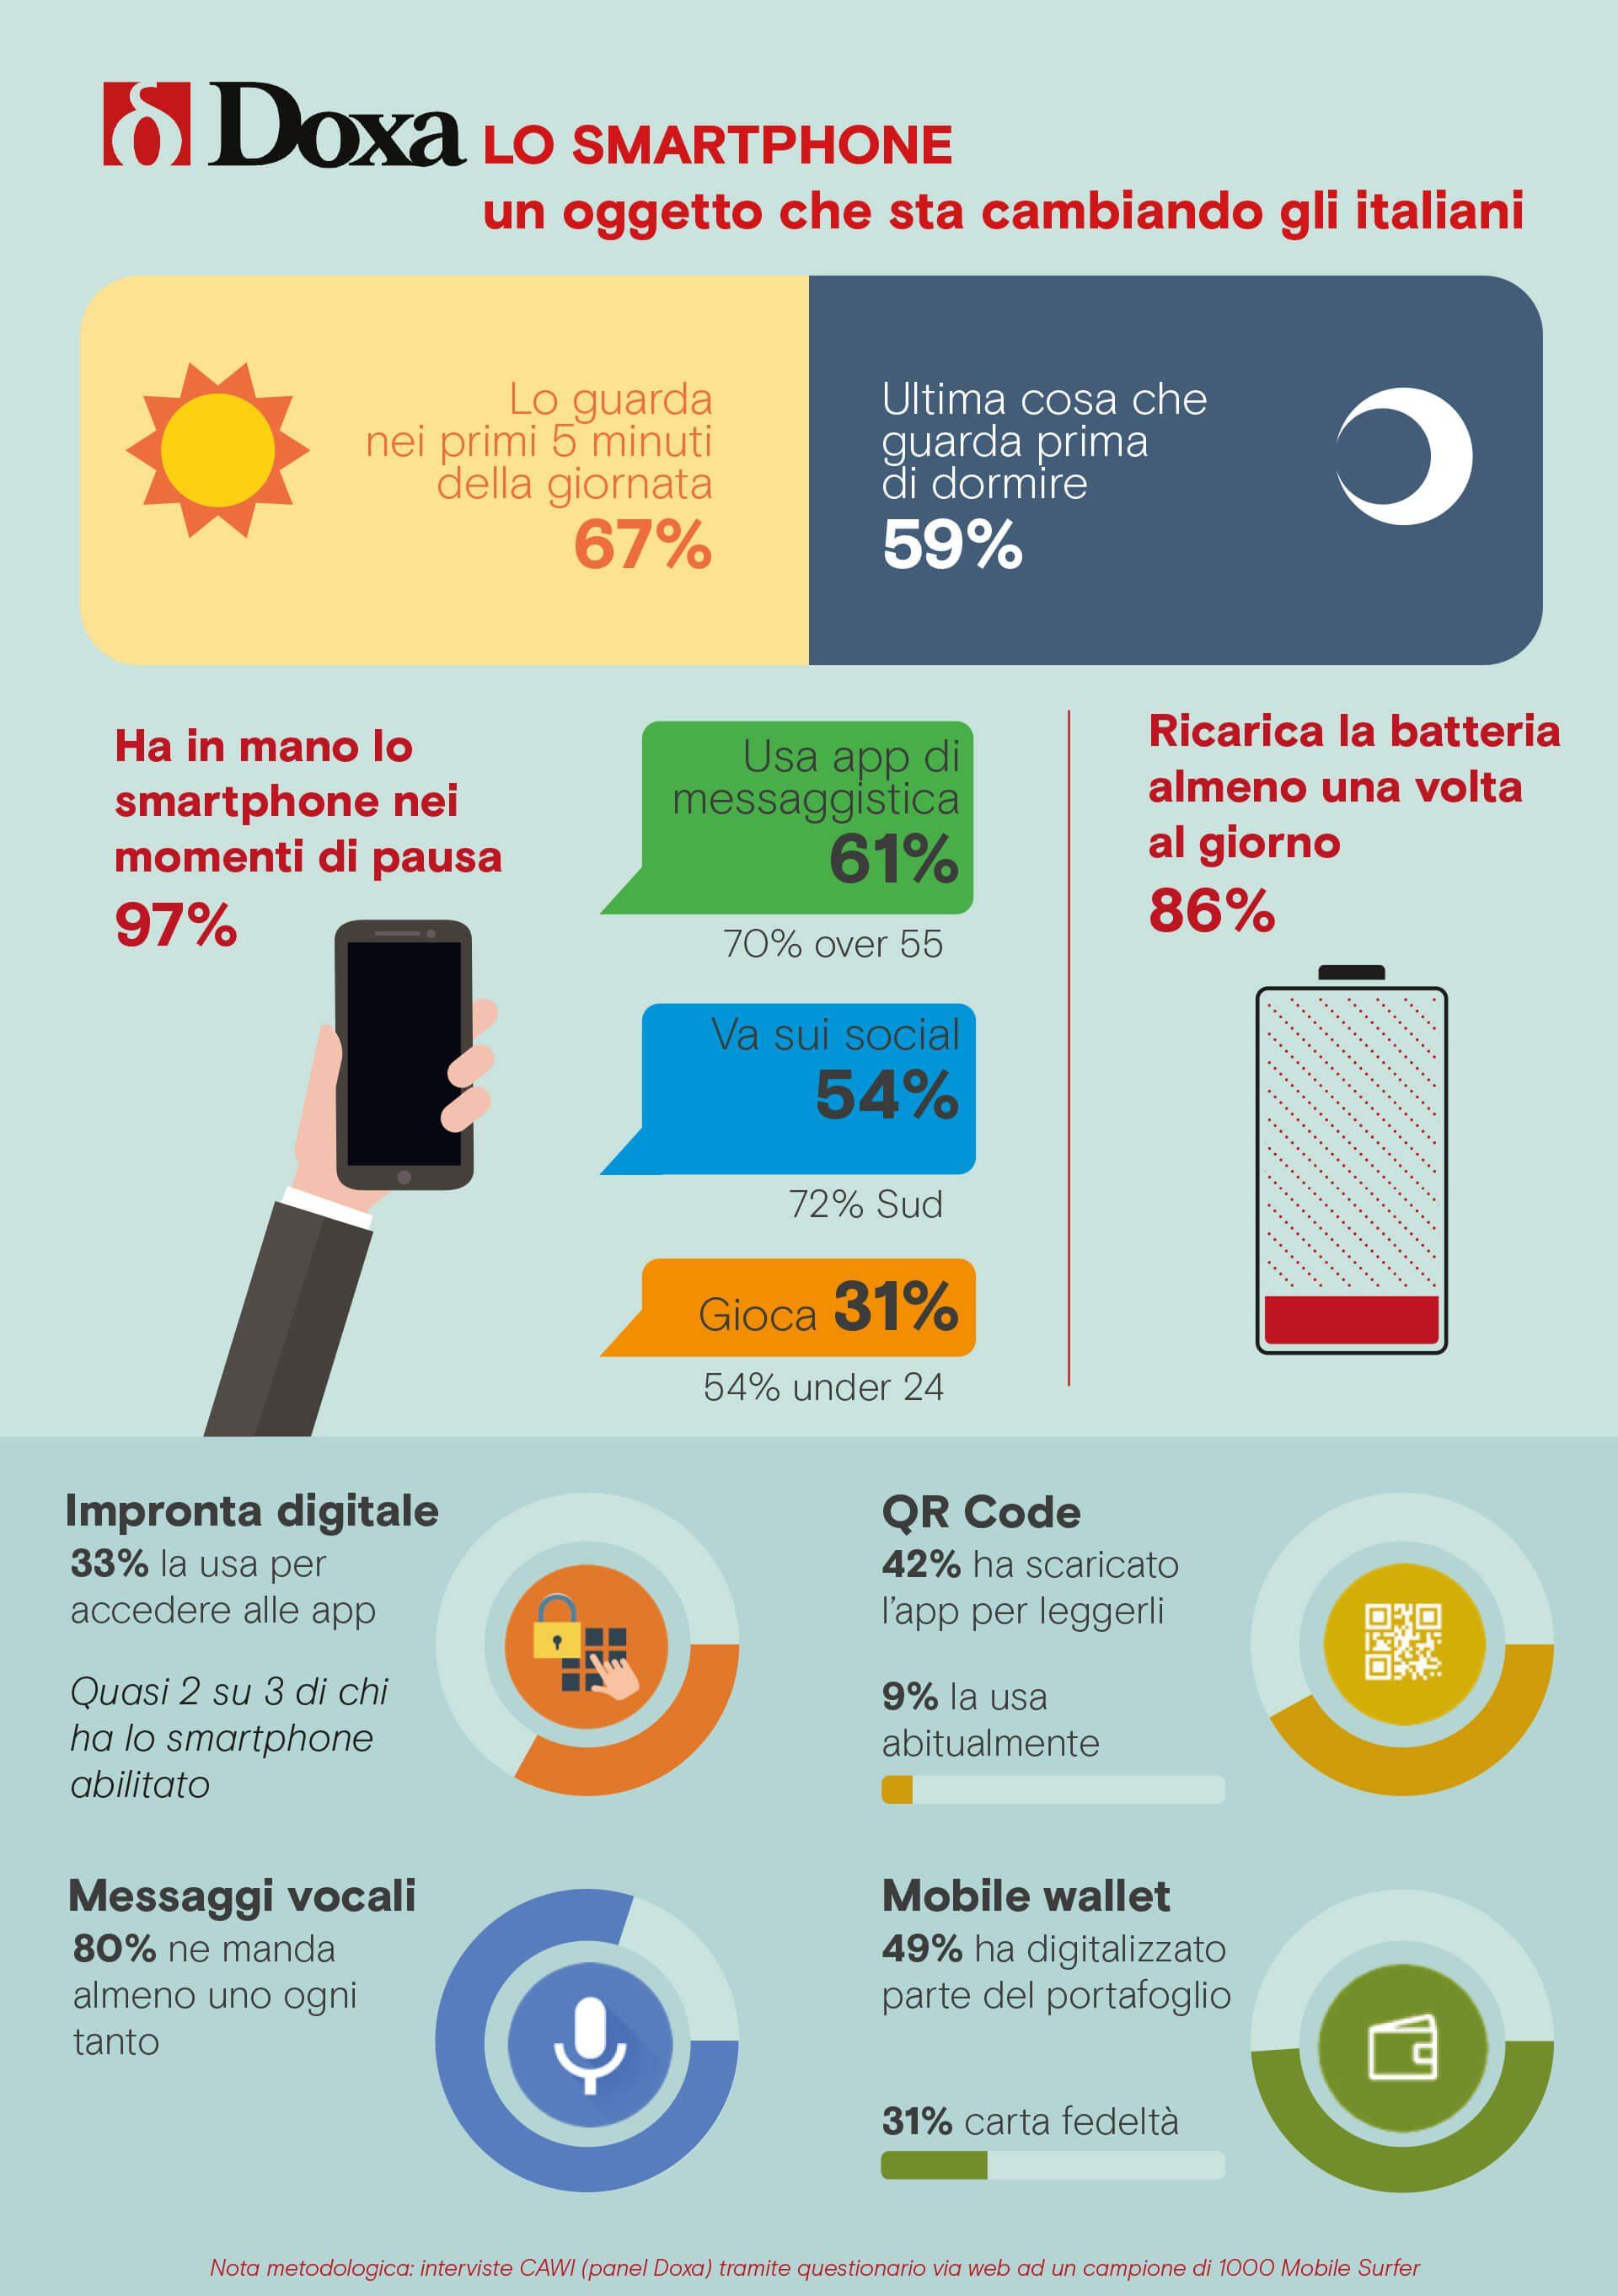 Smartphone, tutti connessi per 45 ore al mese (in media)